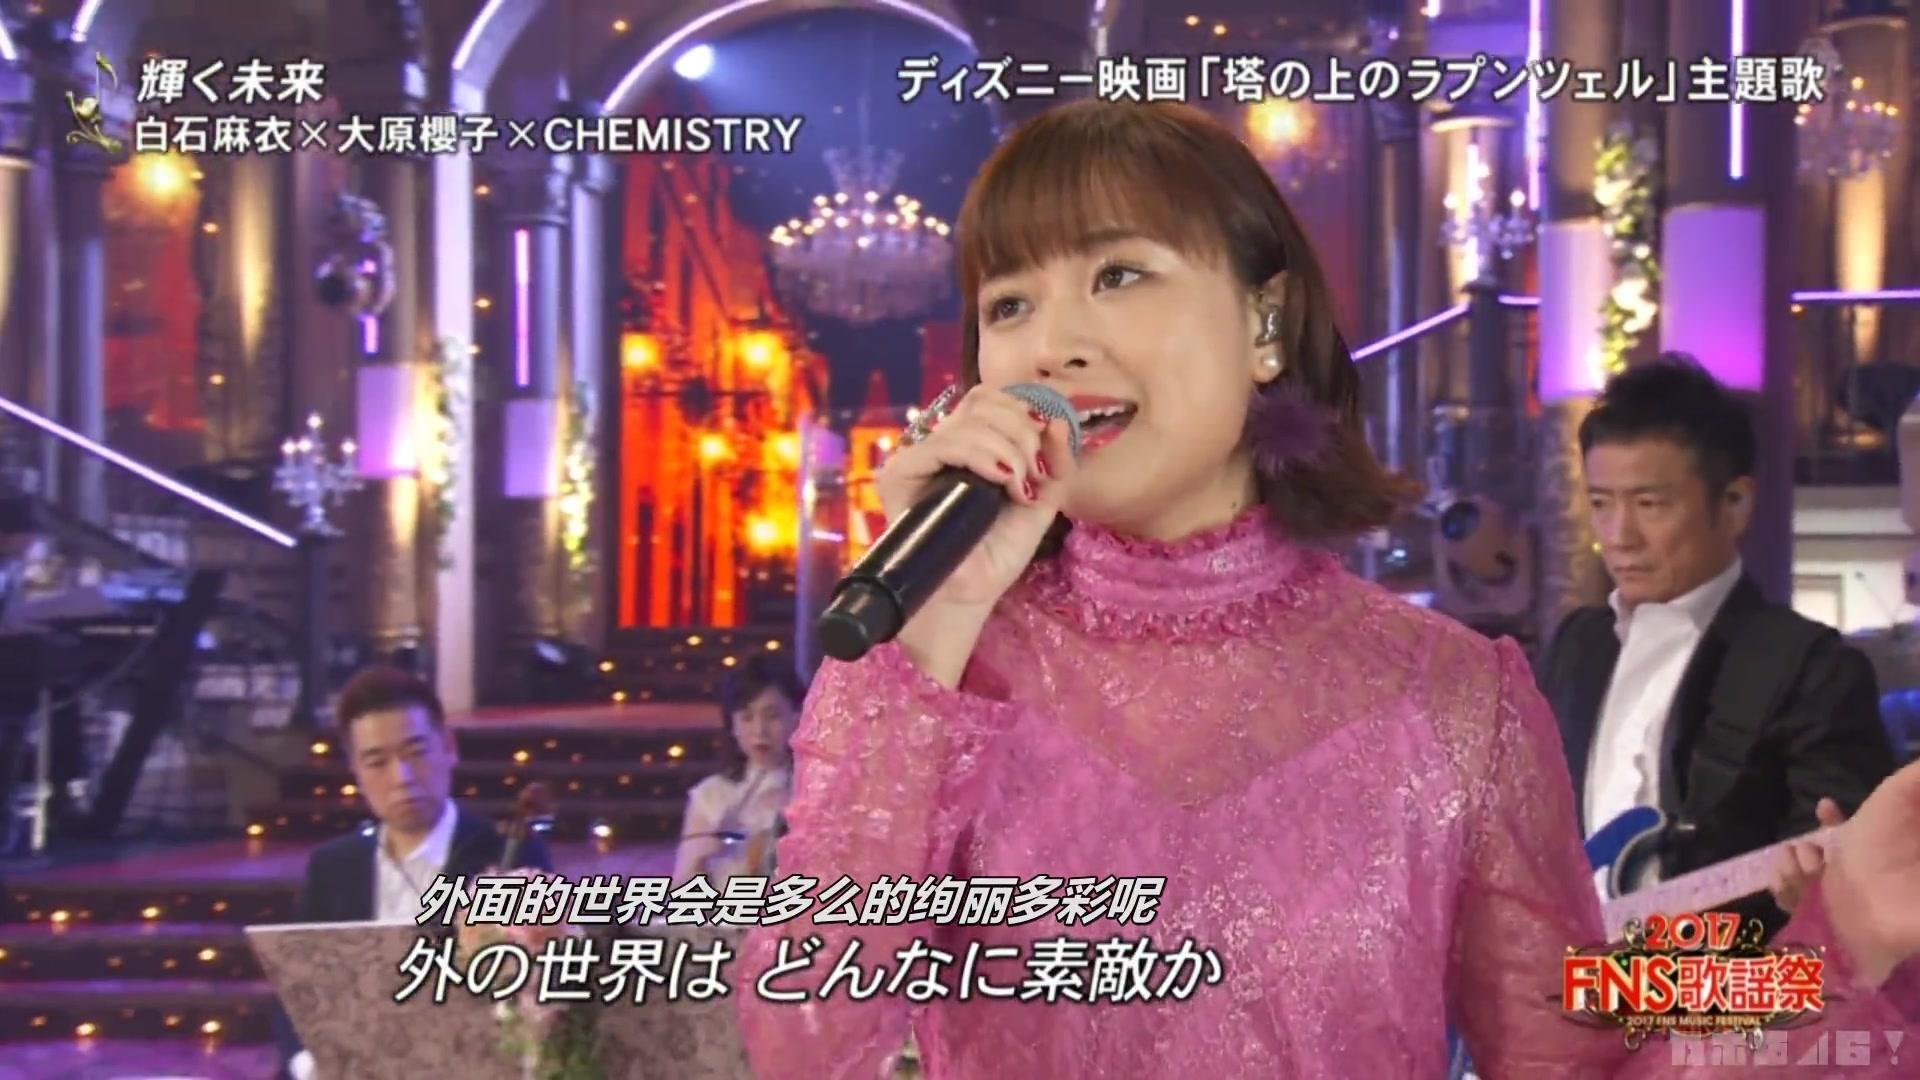 爱乃团 乃木坂46 白石麻衣 大原櫻子 Chemistry 闪耀的未来 2017 Fns